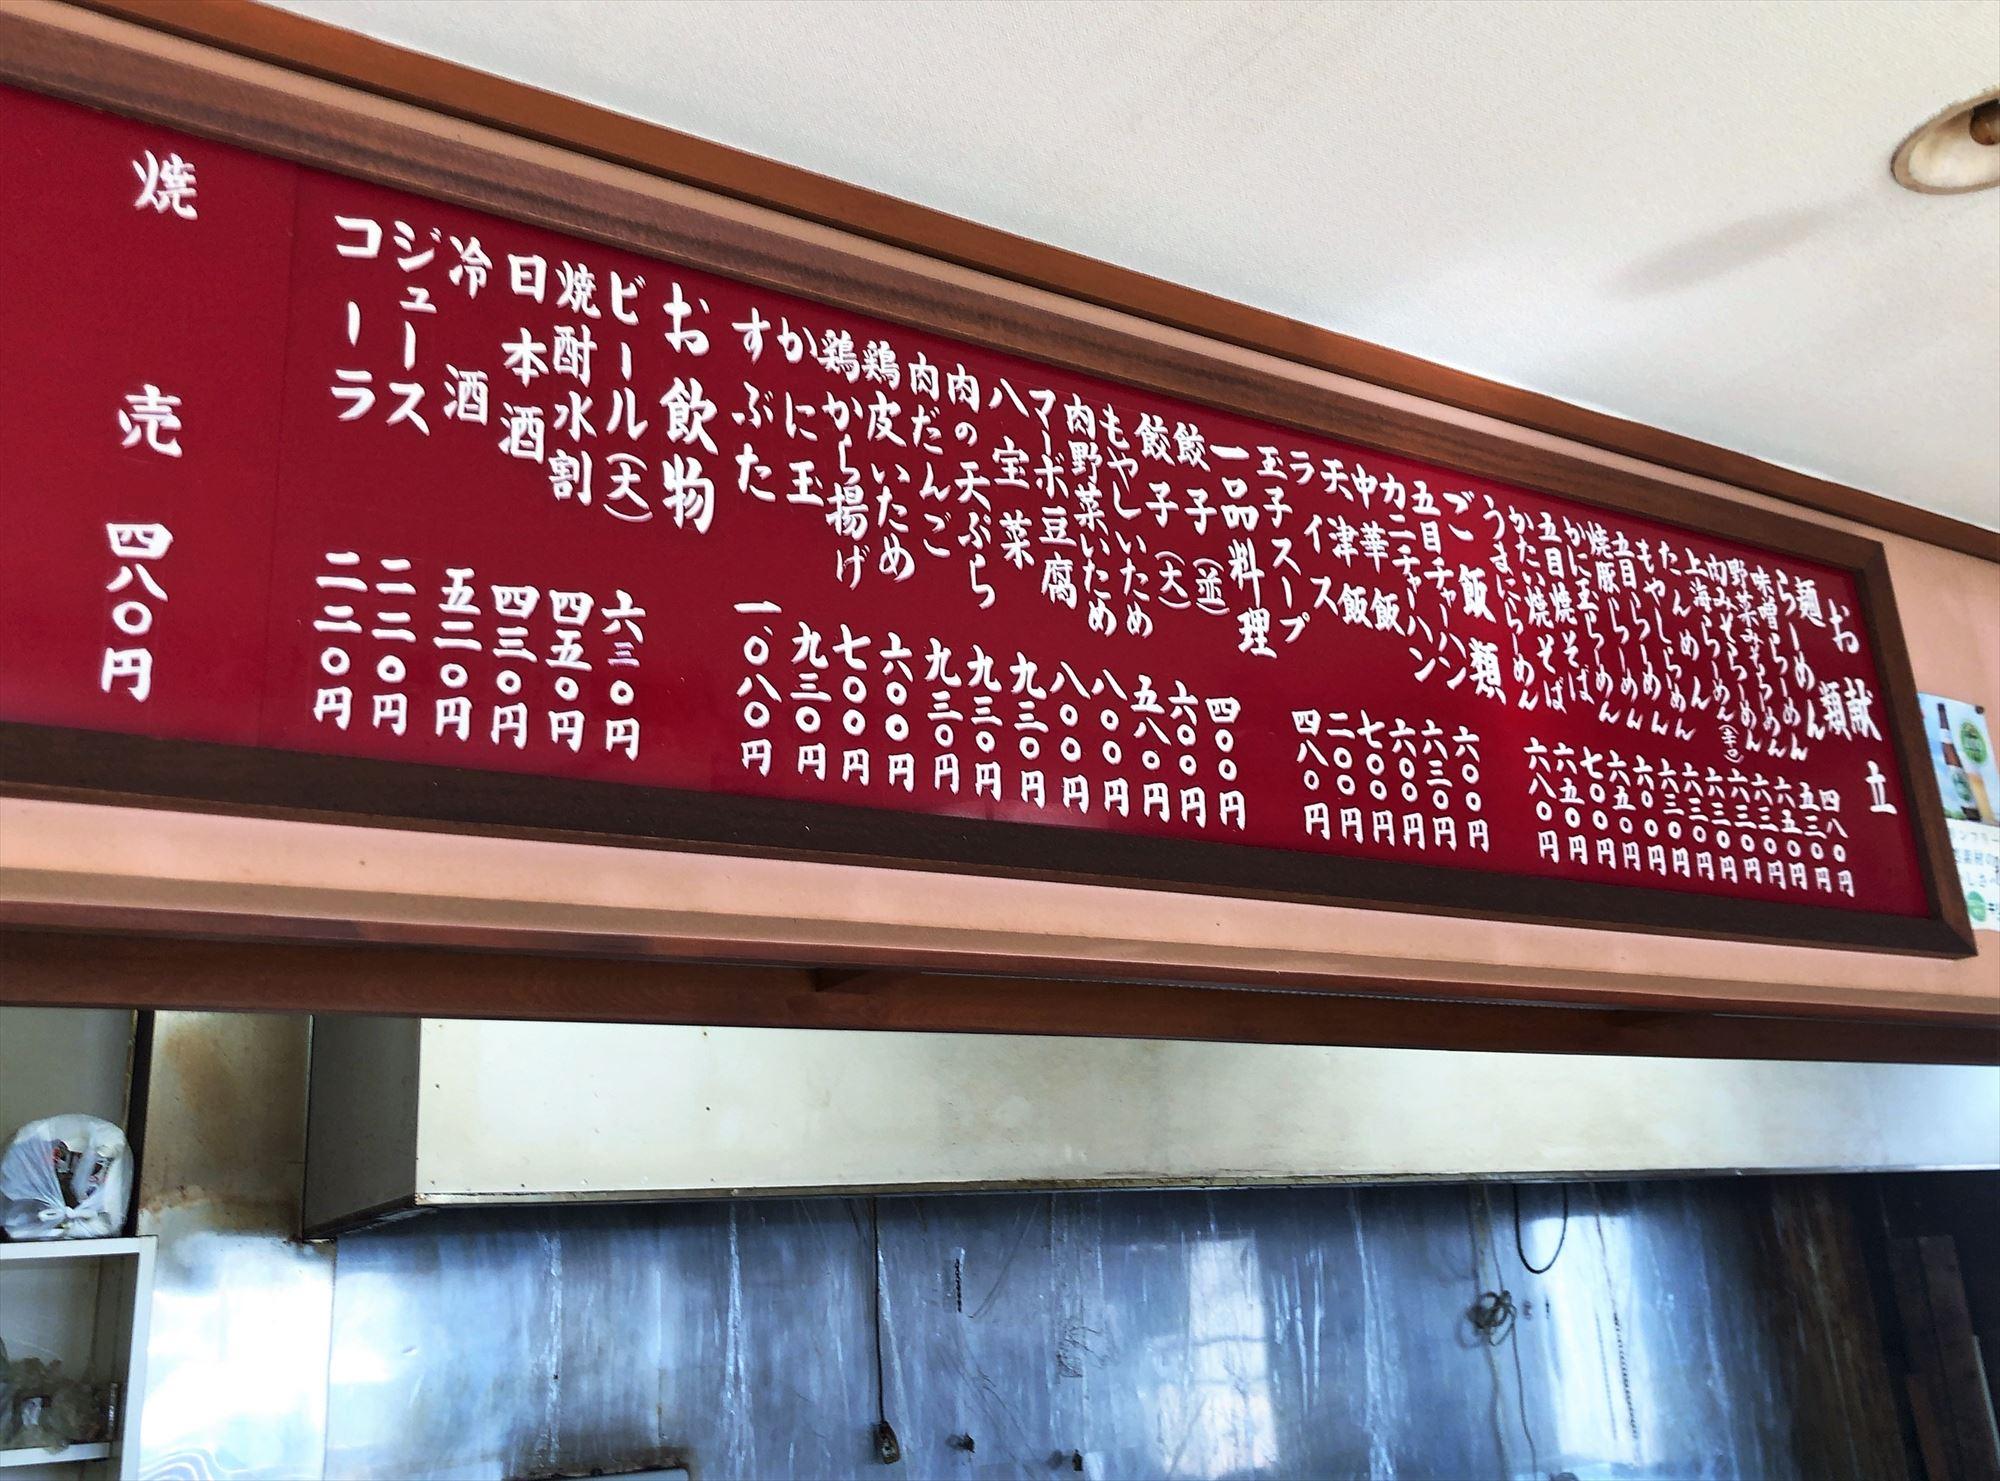 中華料理 万貫のメニュー